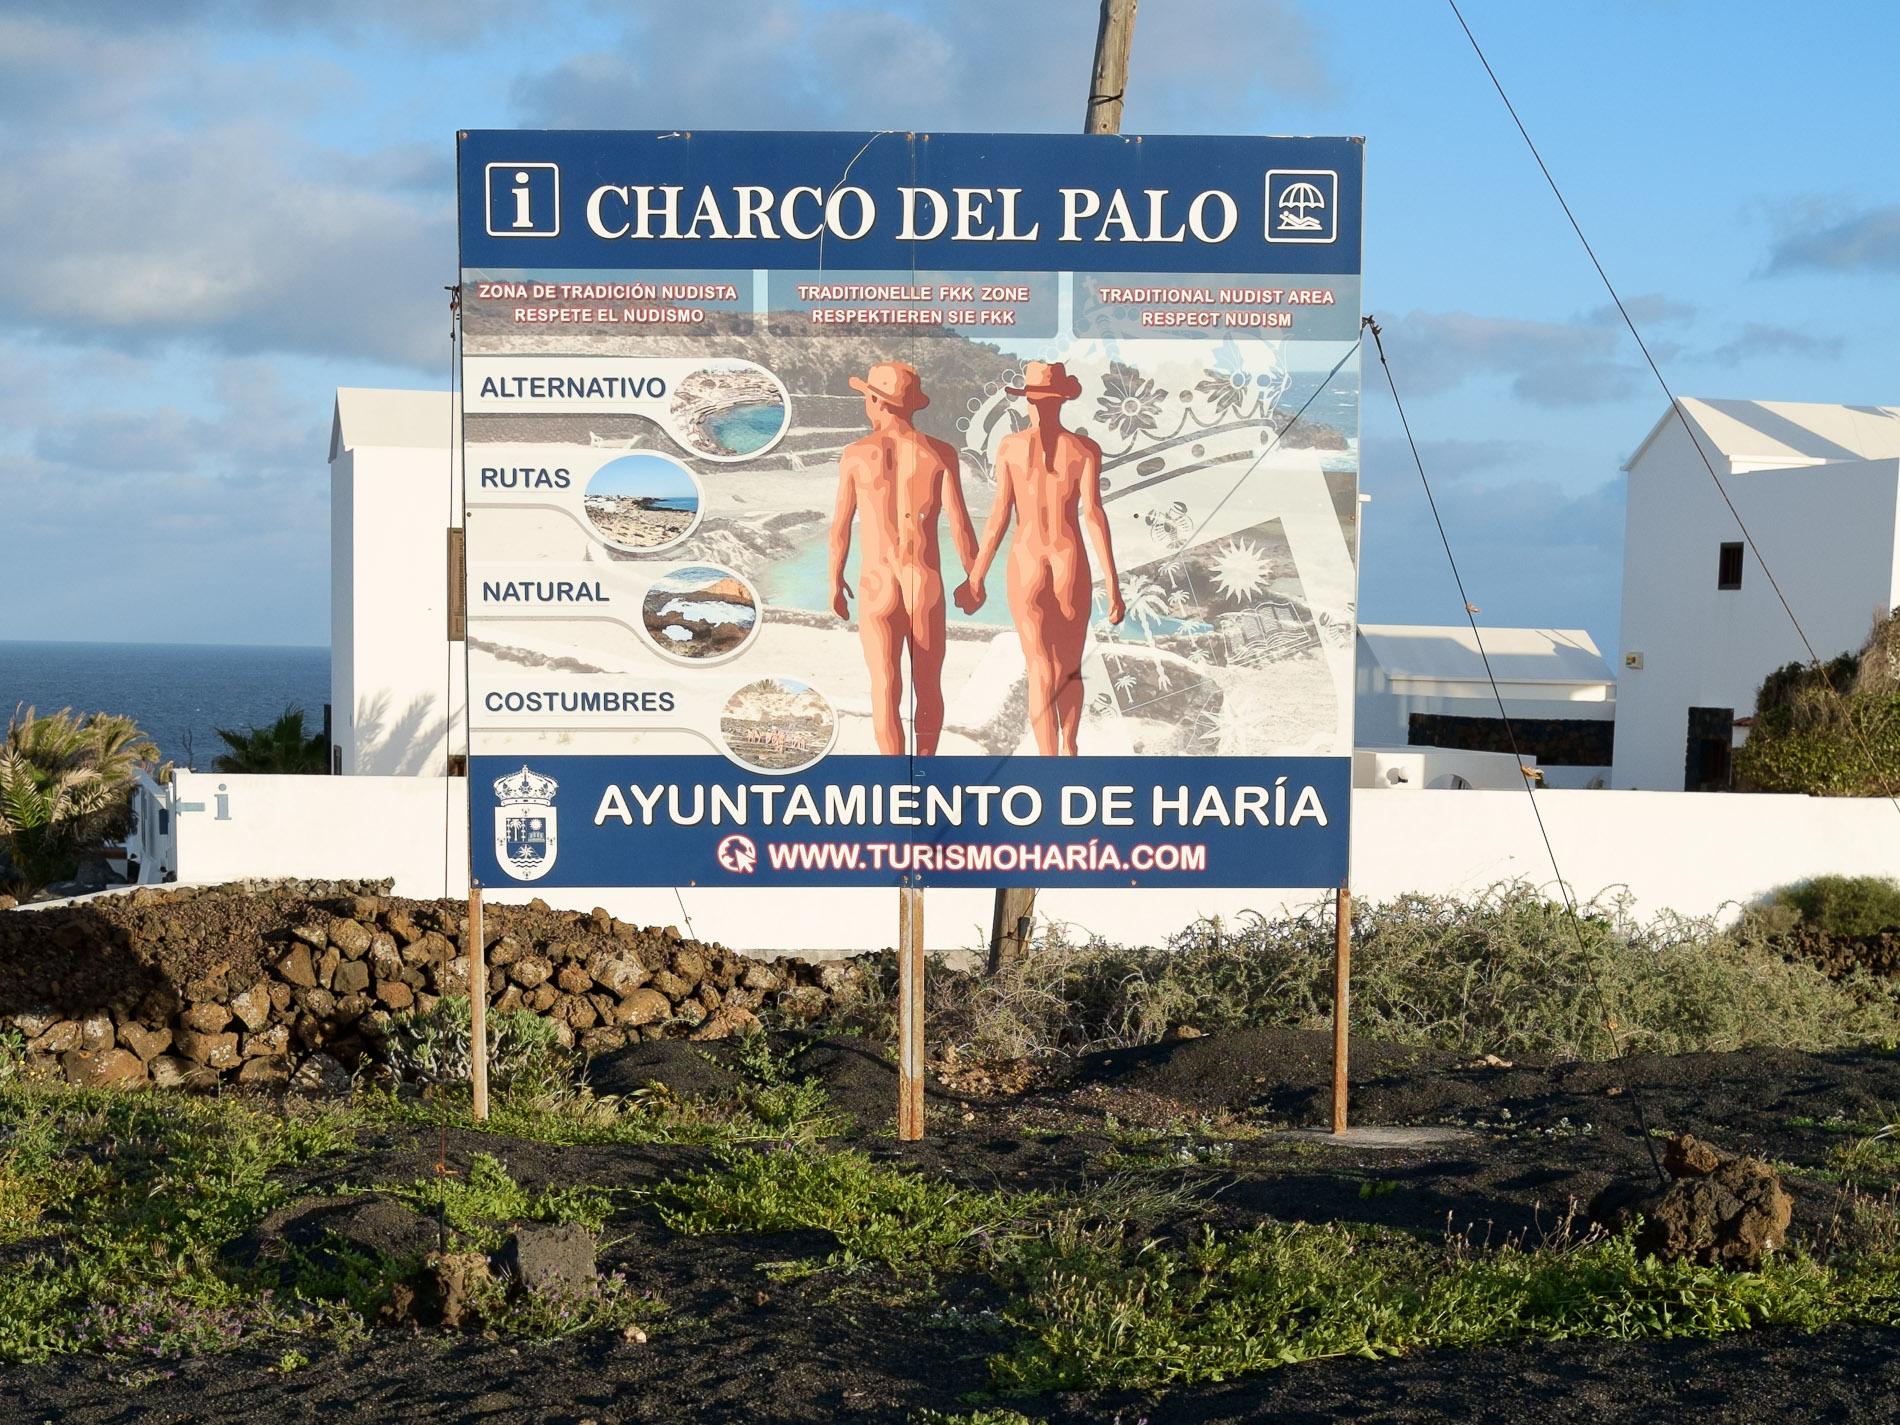 Bienvenue à Charco del Palo